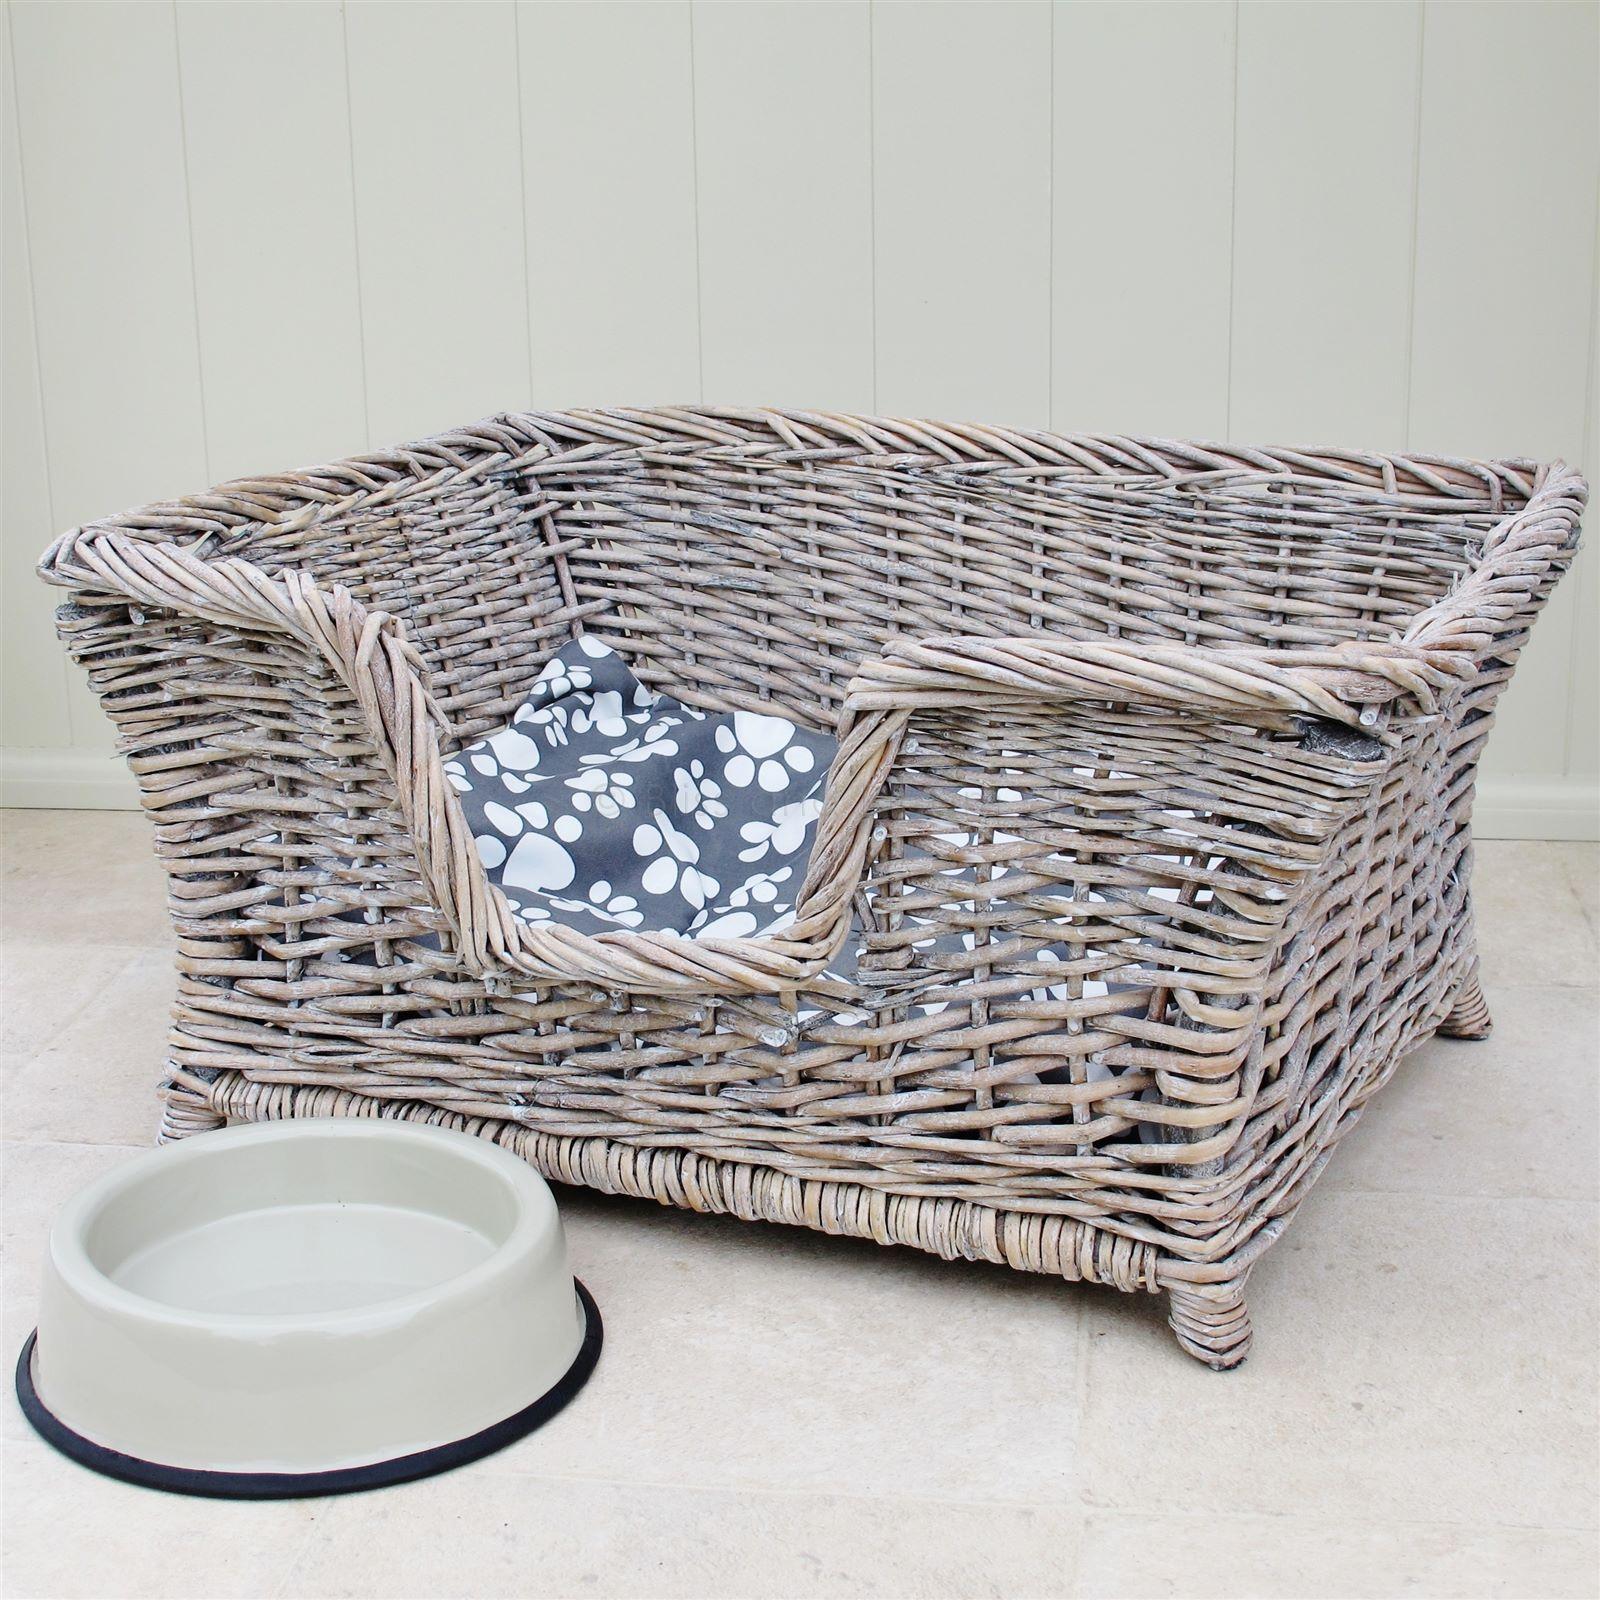 Wicker Dog Bed Basket Bliss and Bloom Ltd Домики